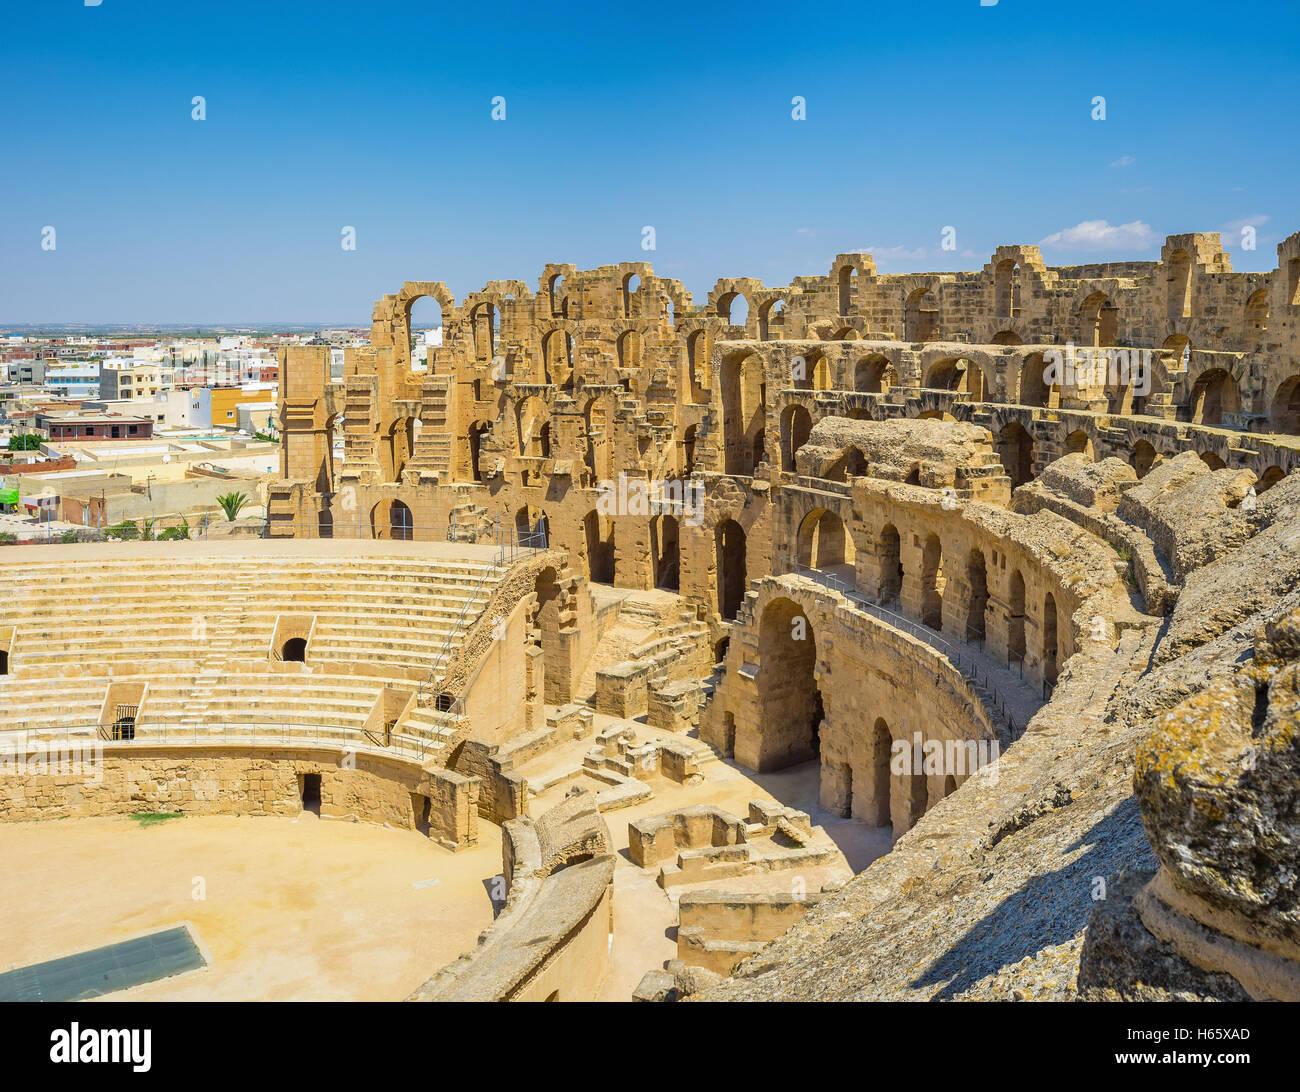 El famoso anfiteatro de El Jem es uno de los mejor conservados monumentos de época romana, Túnez. Imagen De Stock